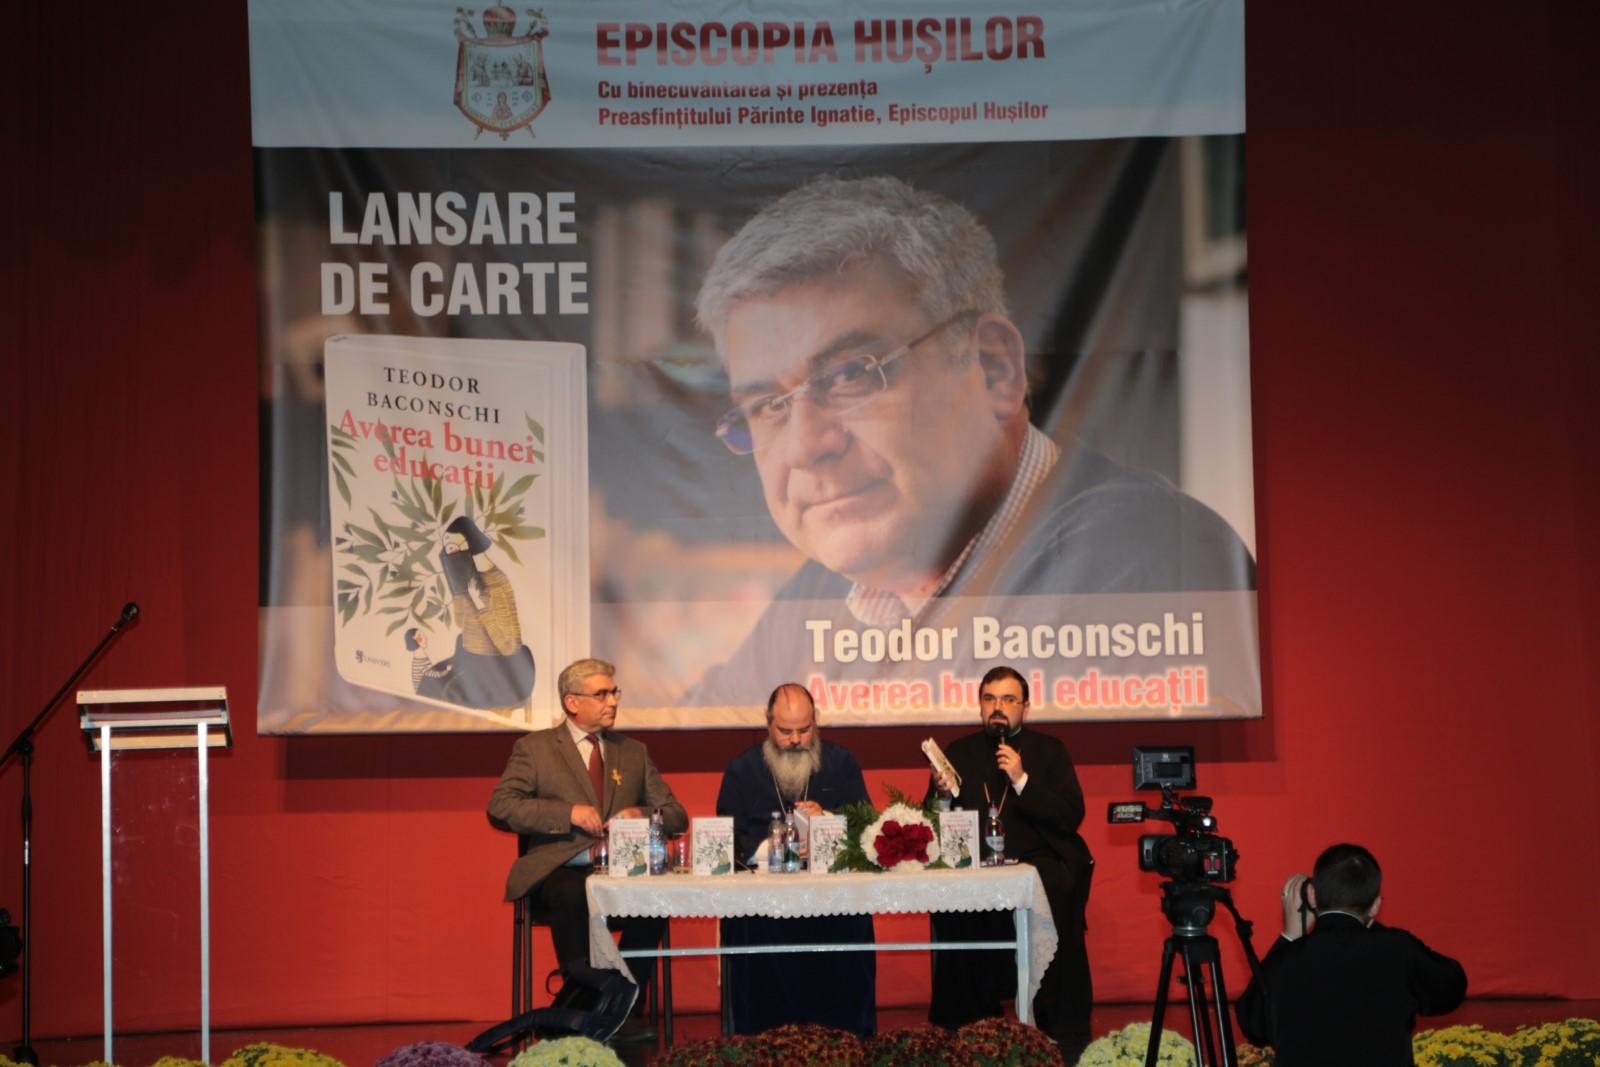 Lansare de carte: Averea bunei educații